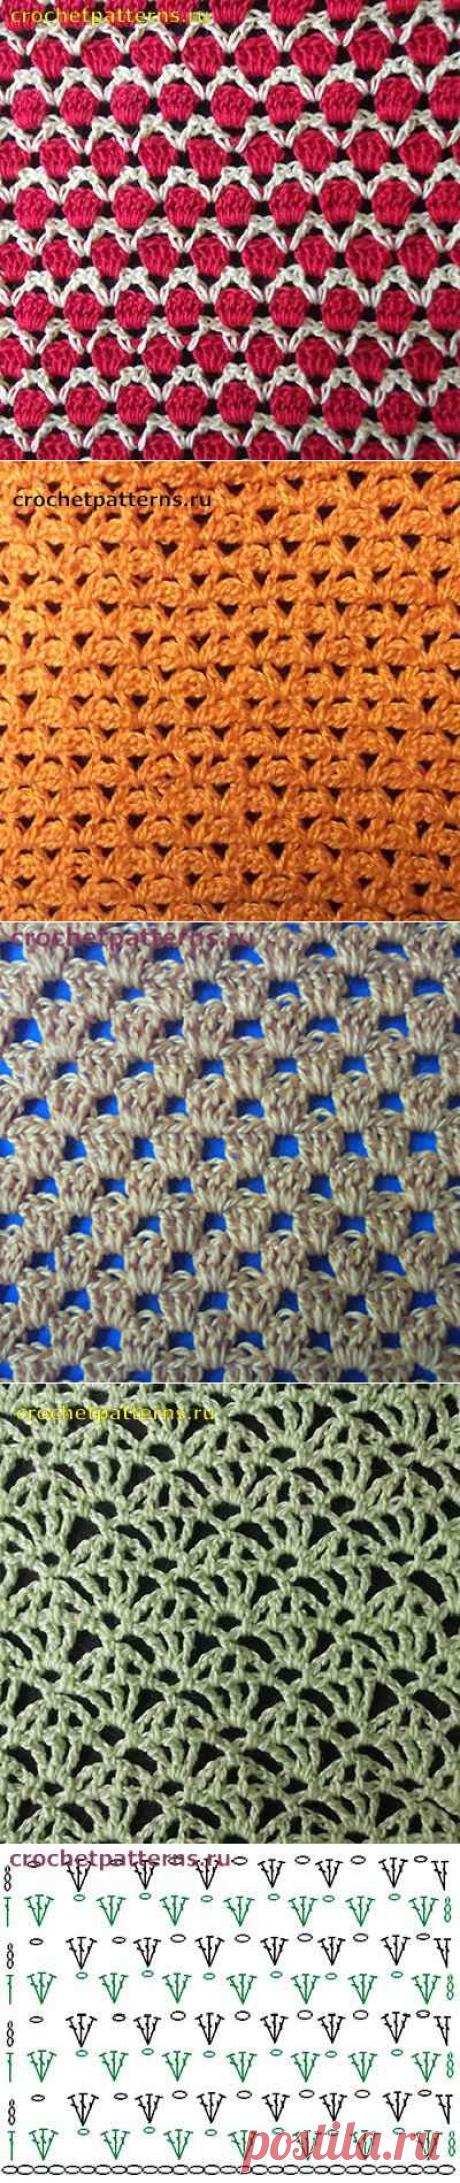 Узоры для вязания на крючком. Ажурные узоры 2